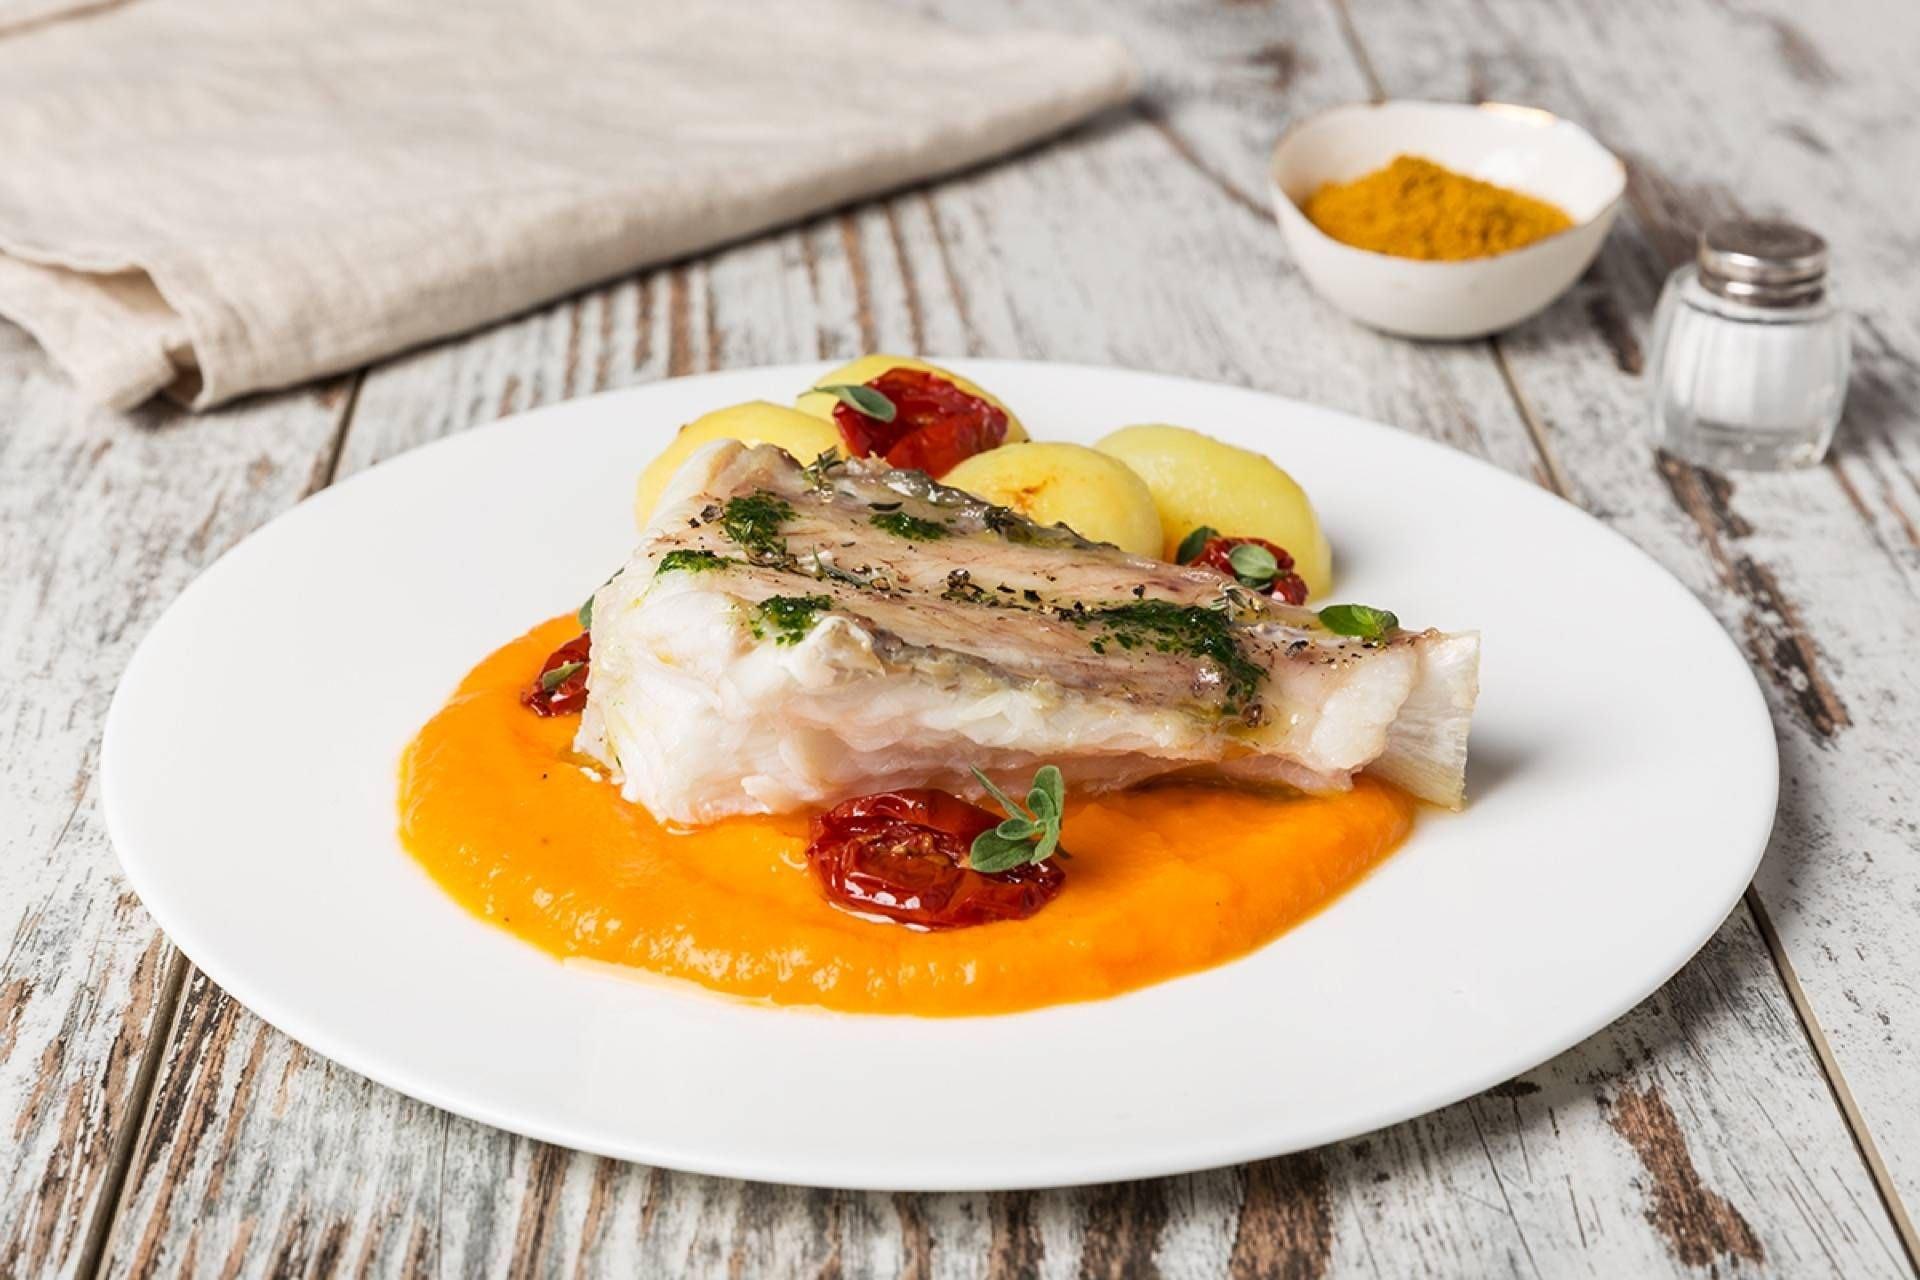 Rana pescatrice con patate novelle e crema di zucca - Parmalat